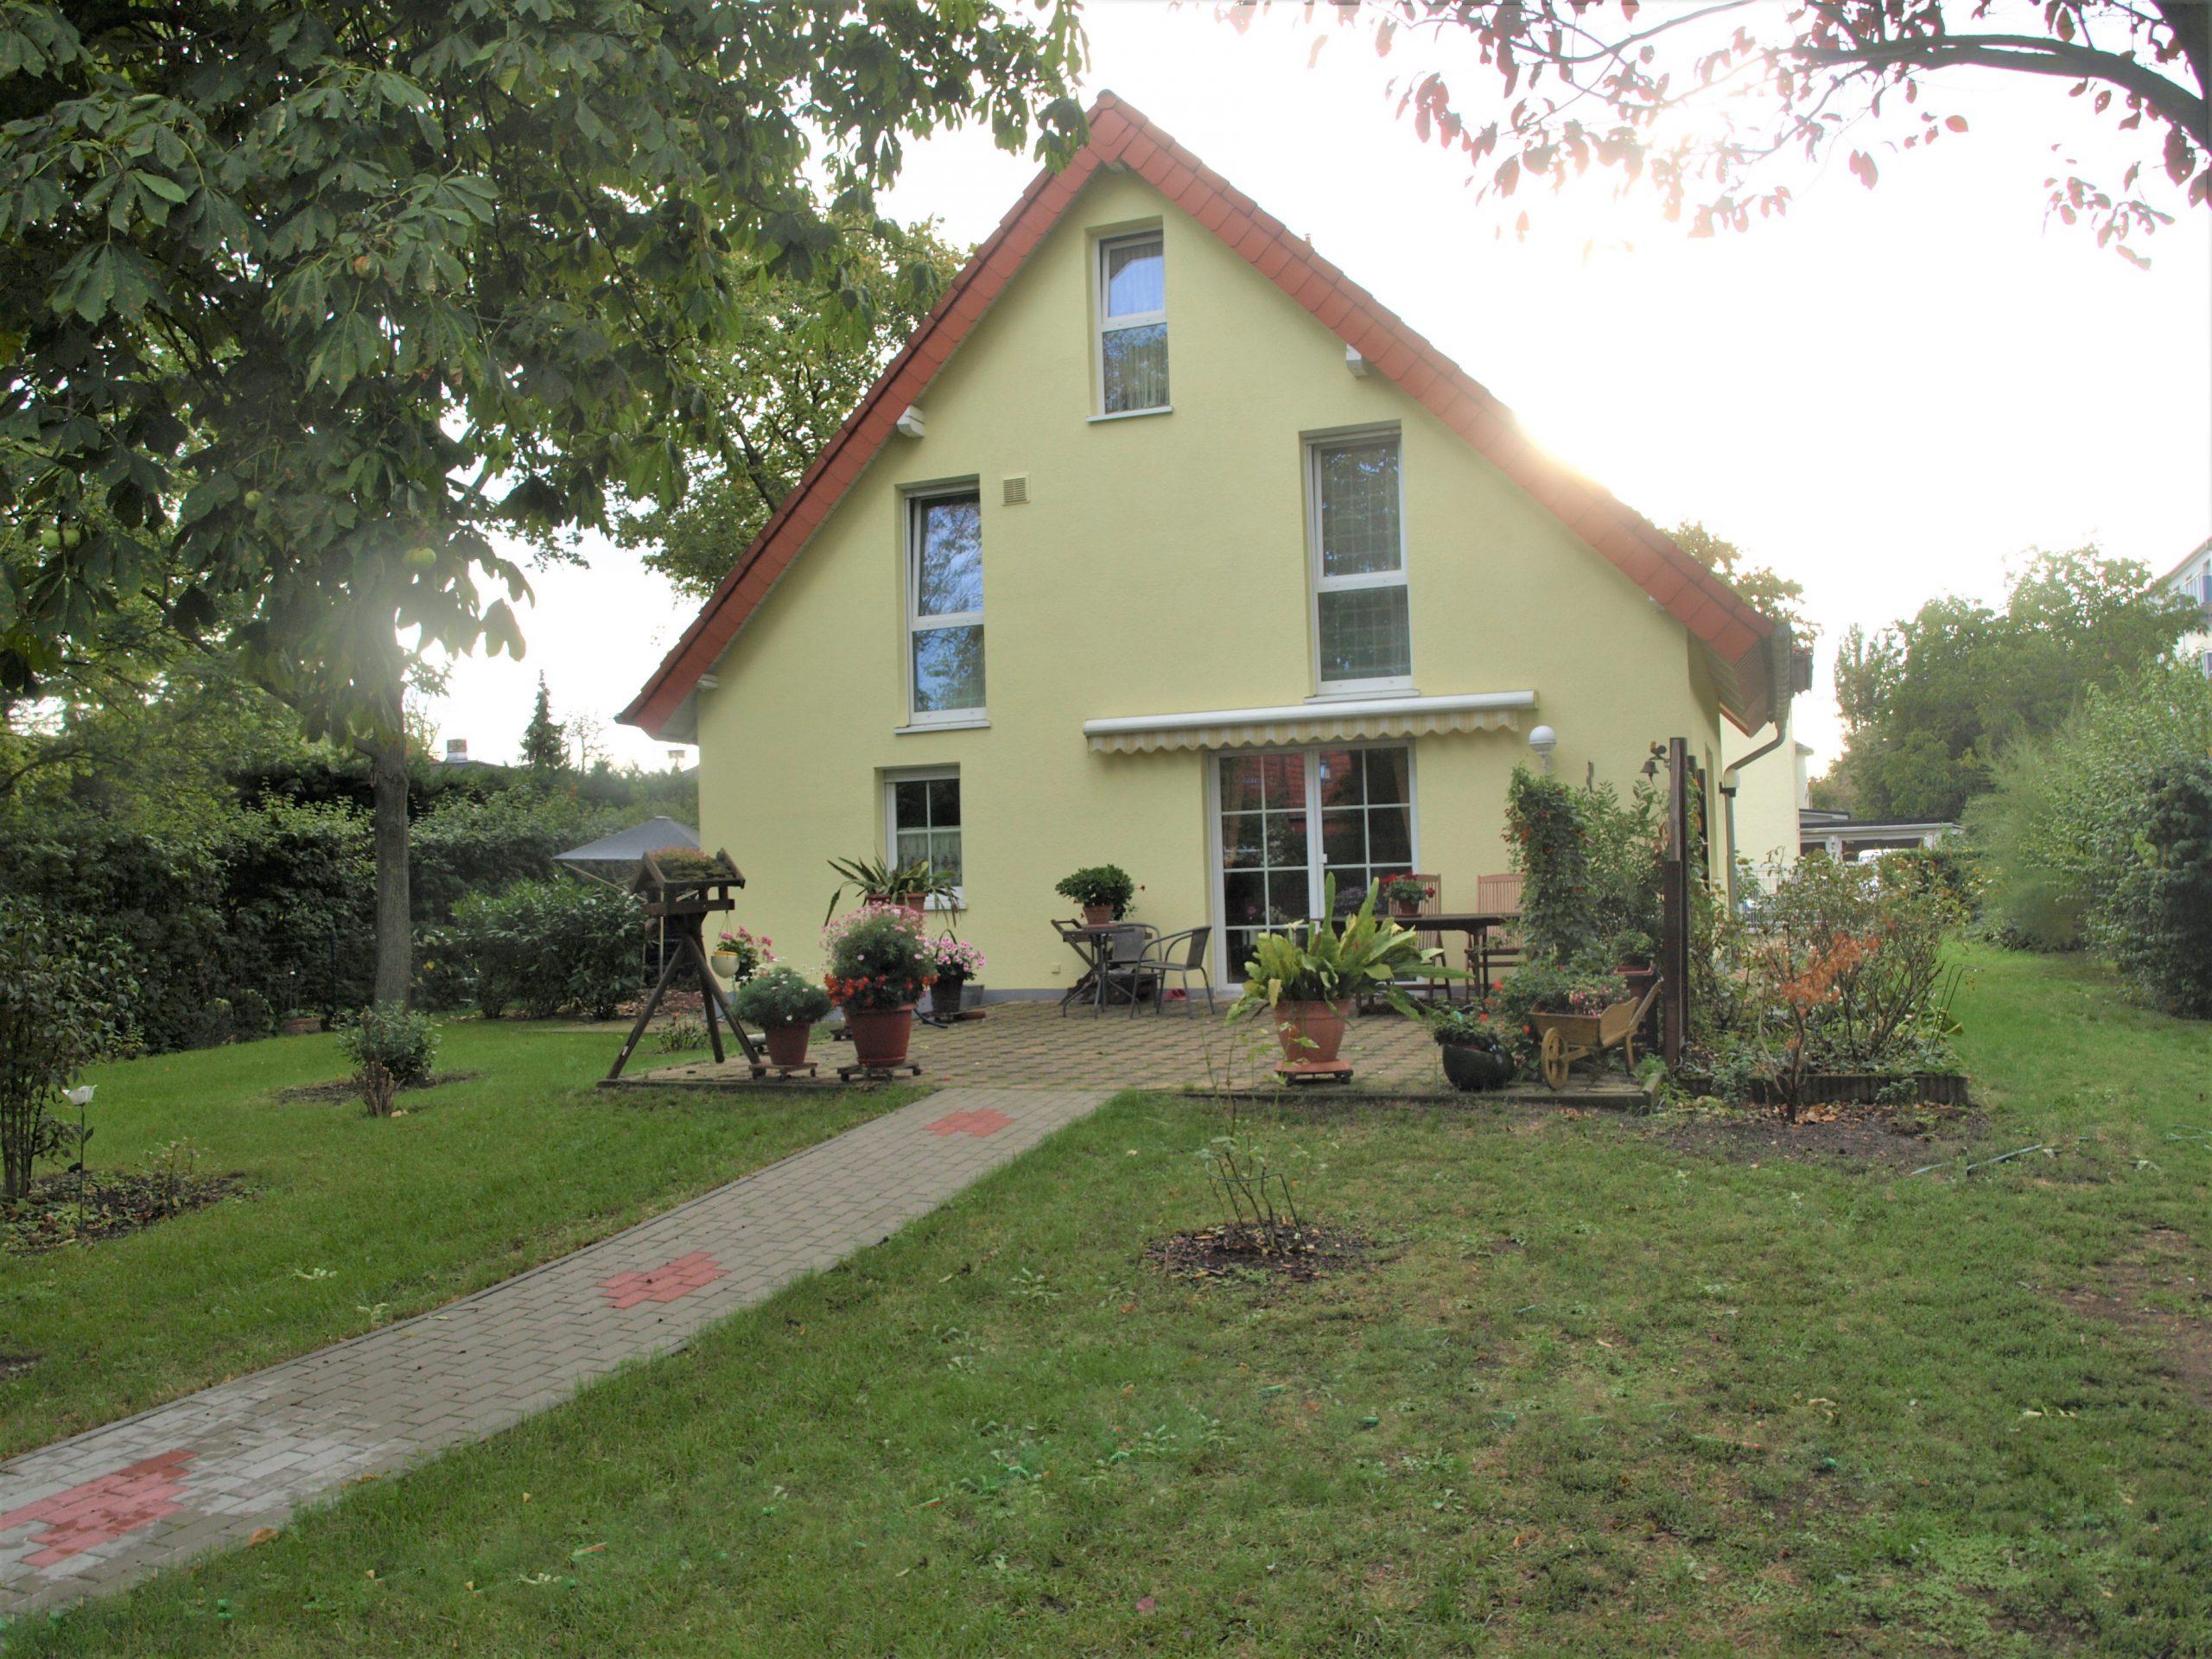 Einfamilienhaus Merseburg - Gartenansicht